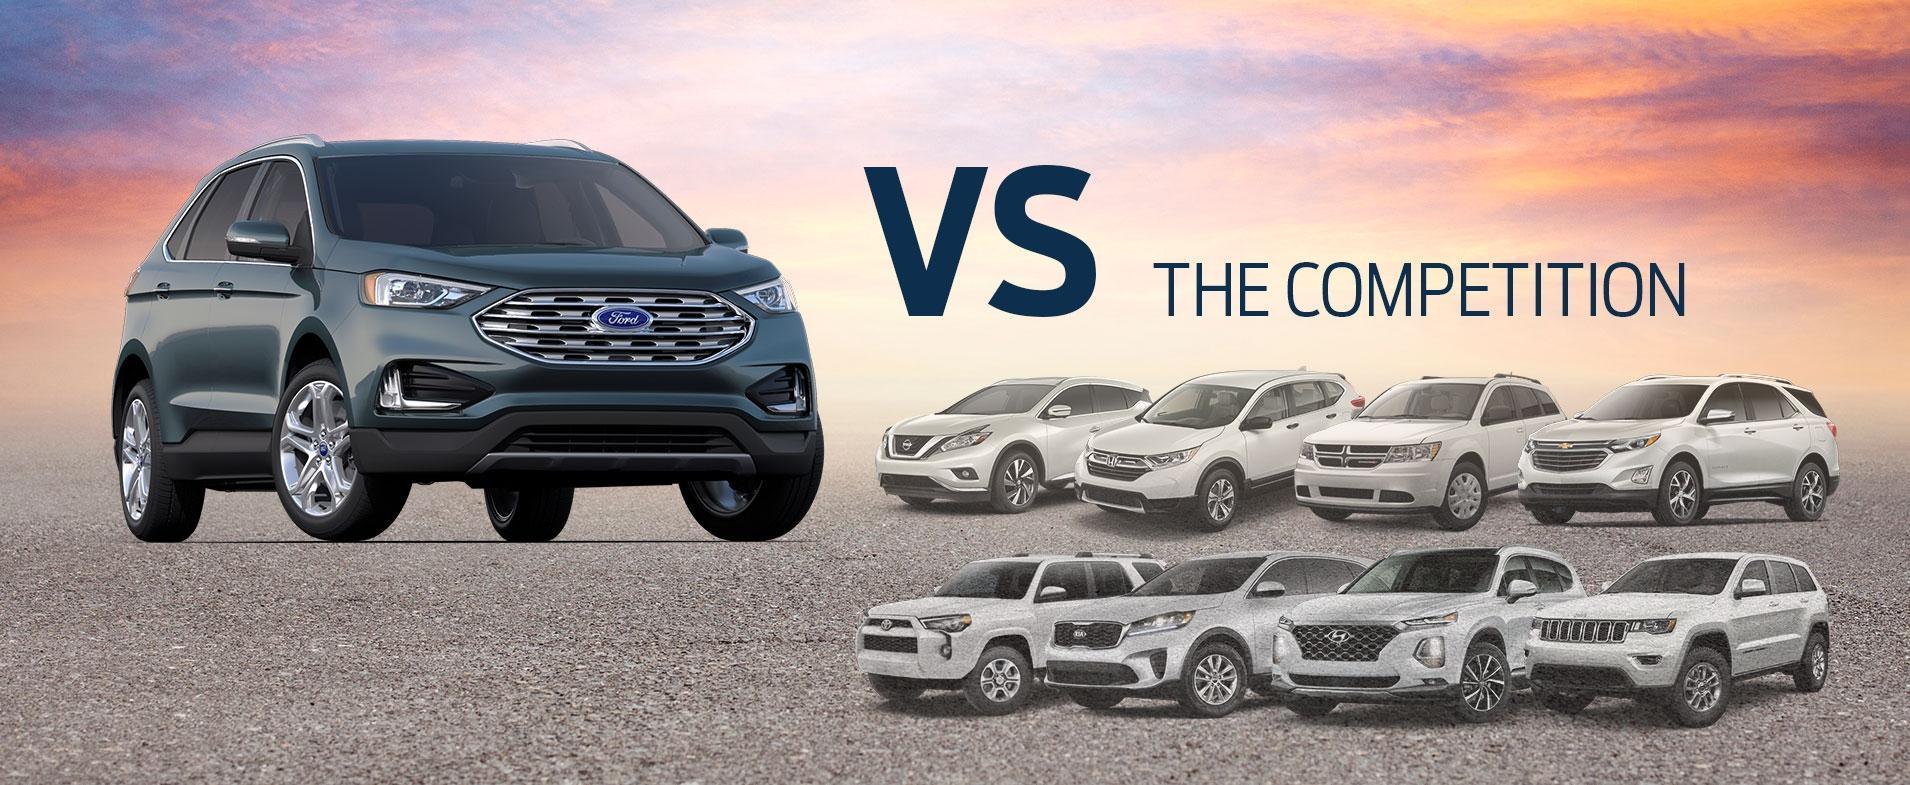 Edge vs Competition